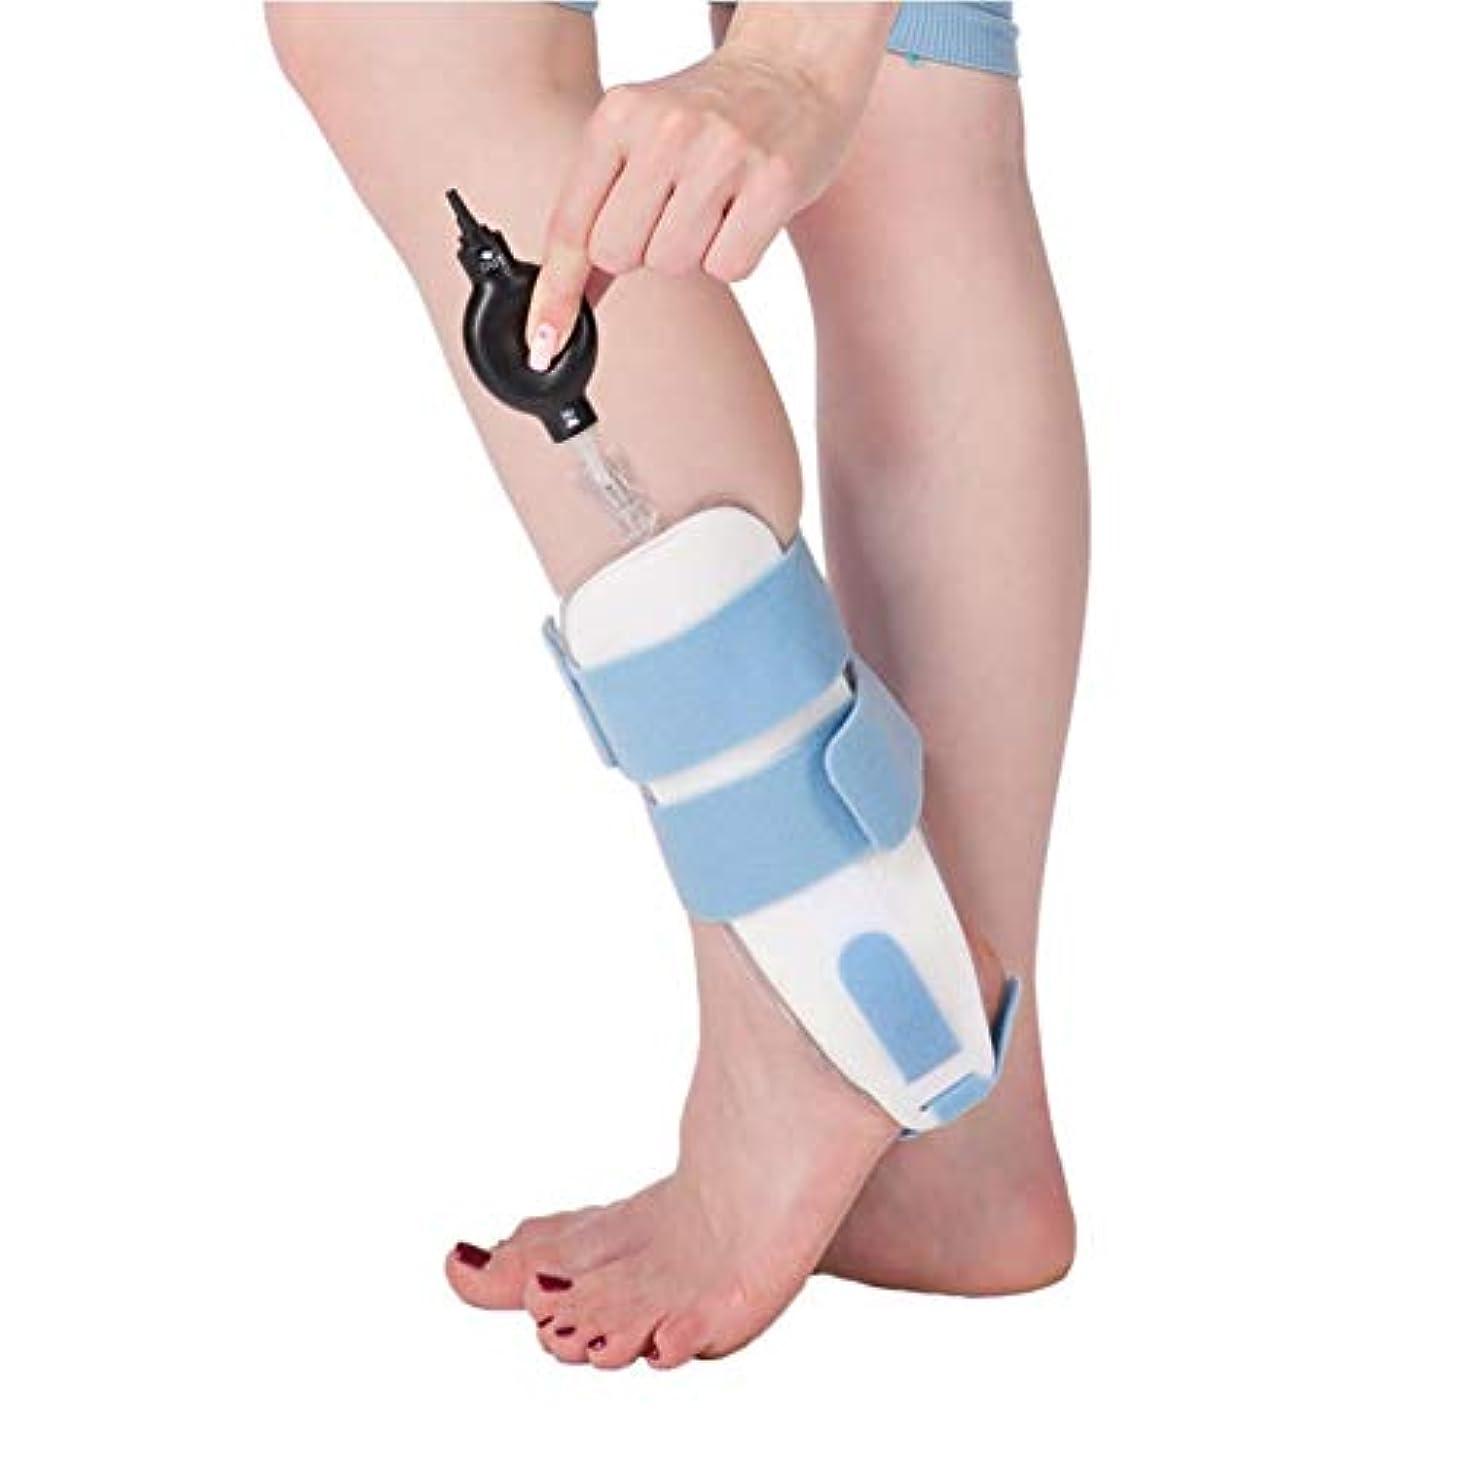 一流貸し手つま先足首の装具の膨脹可能な足首の保護装置は石膏の足の捻rainの固定副木を取り替えることができます